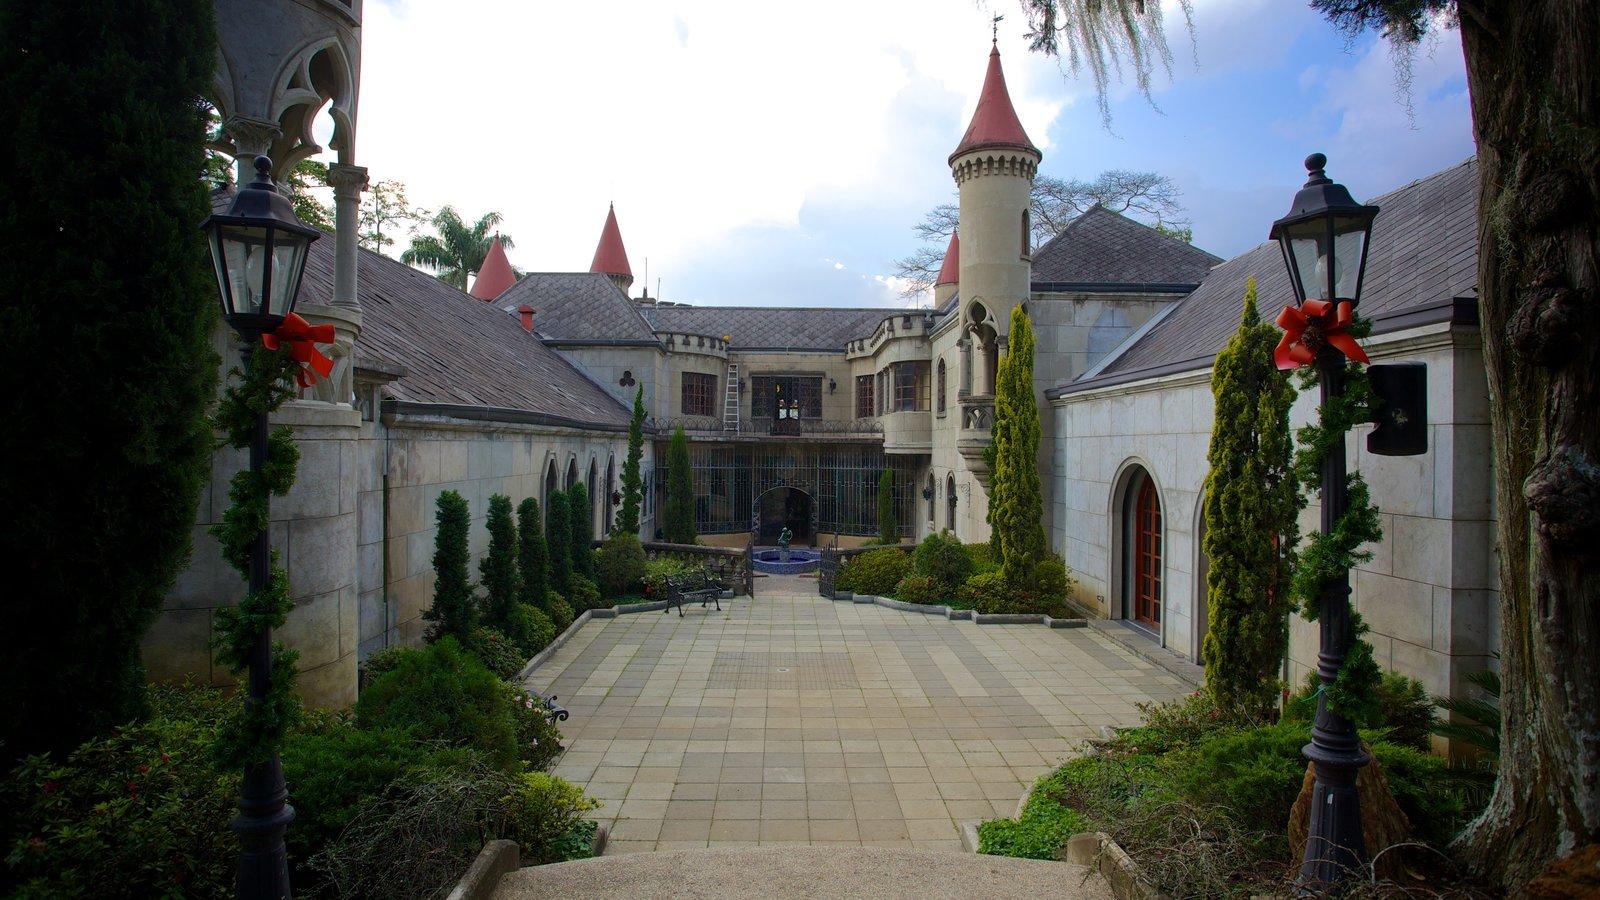 Museo El Castillo que inclui um castelo